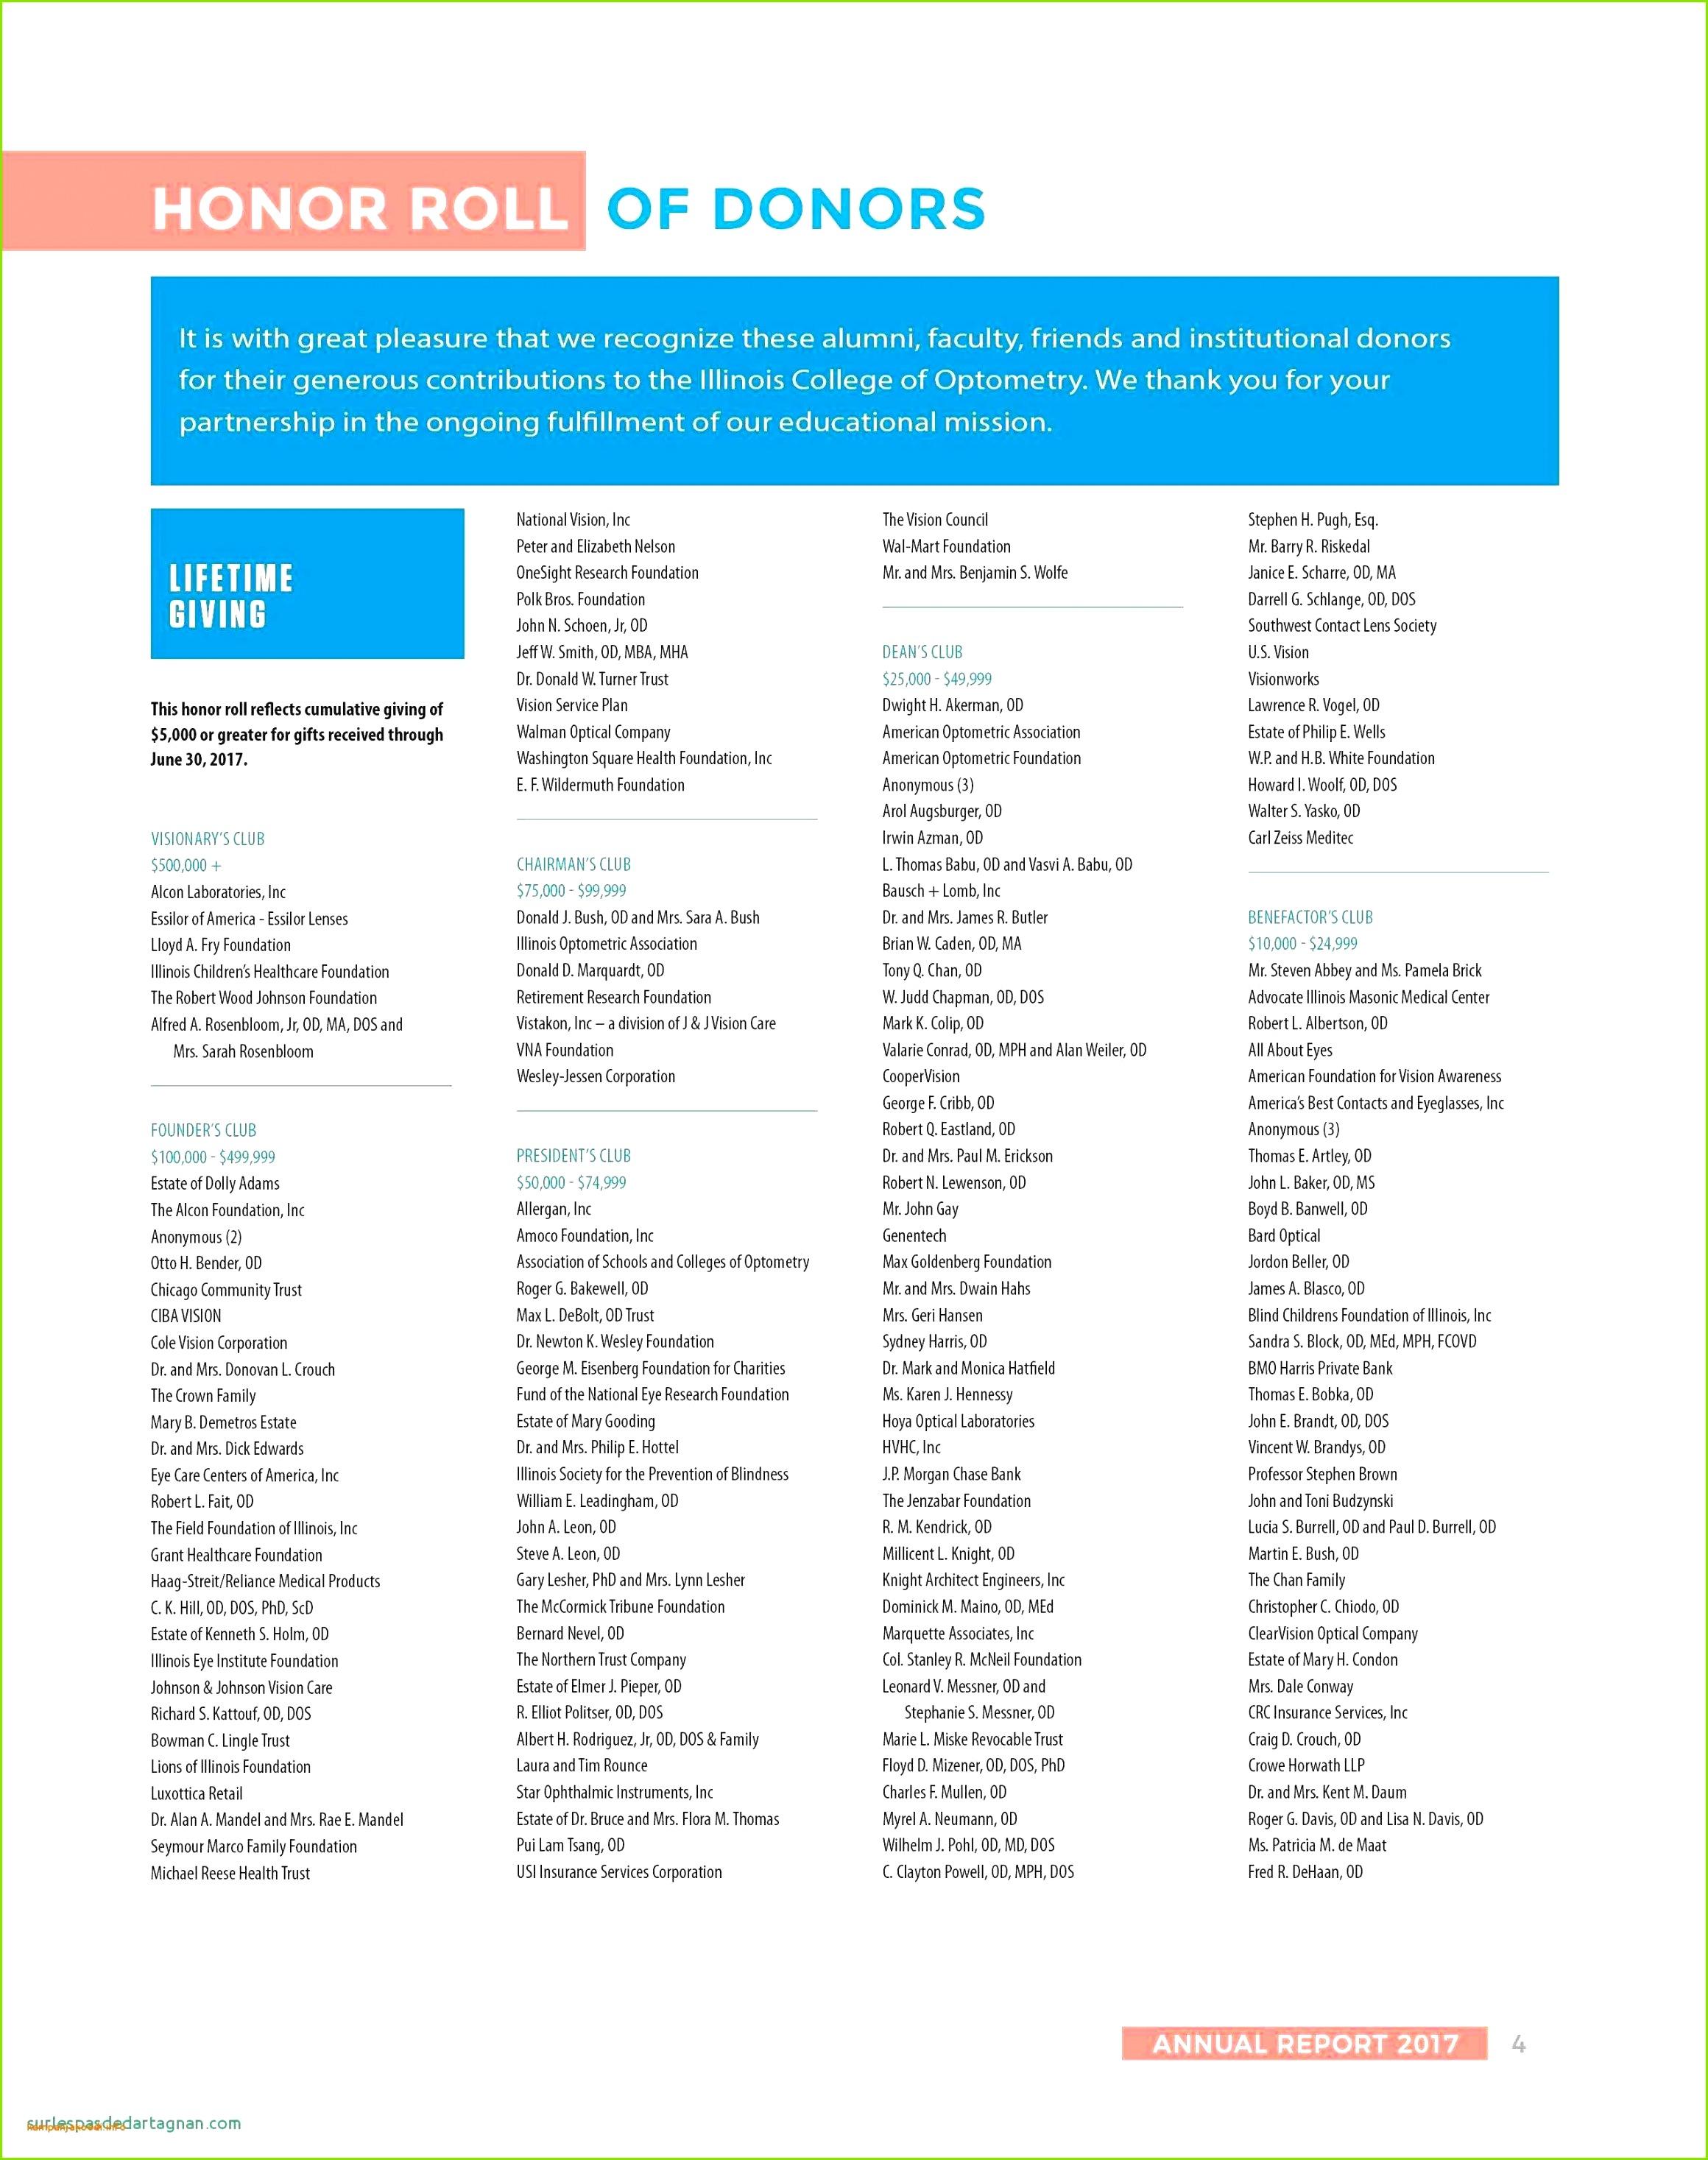 Business Excel Spreadsheet Cash Flow Statement Ppt Presentation Fantastisch Stammbaum Vorlage Download